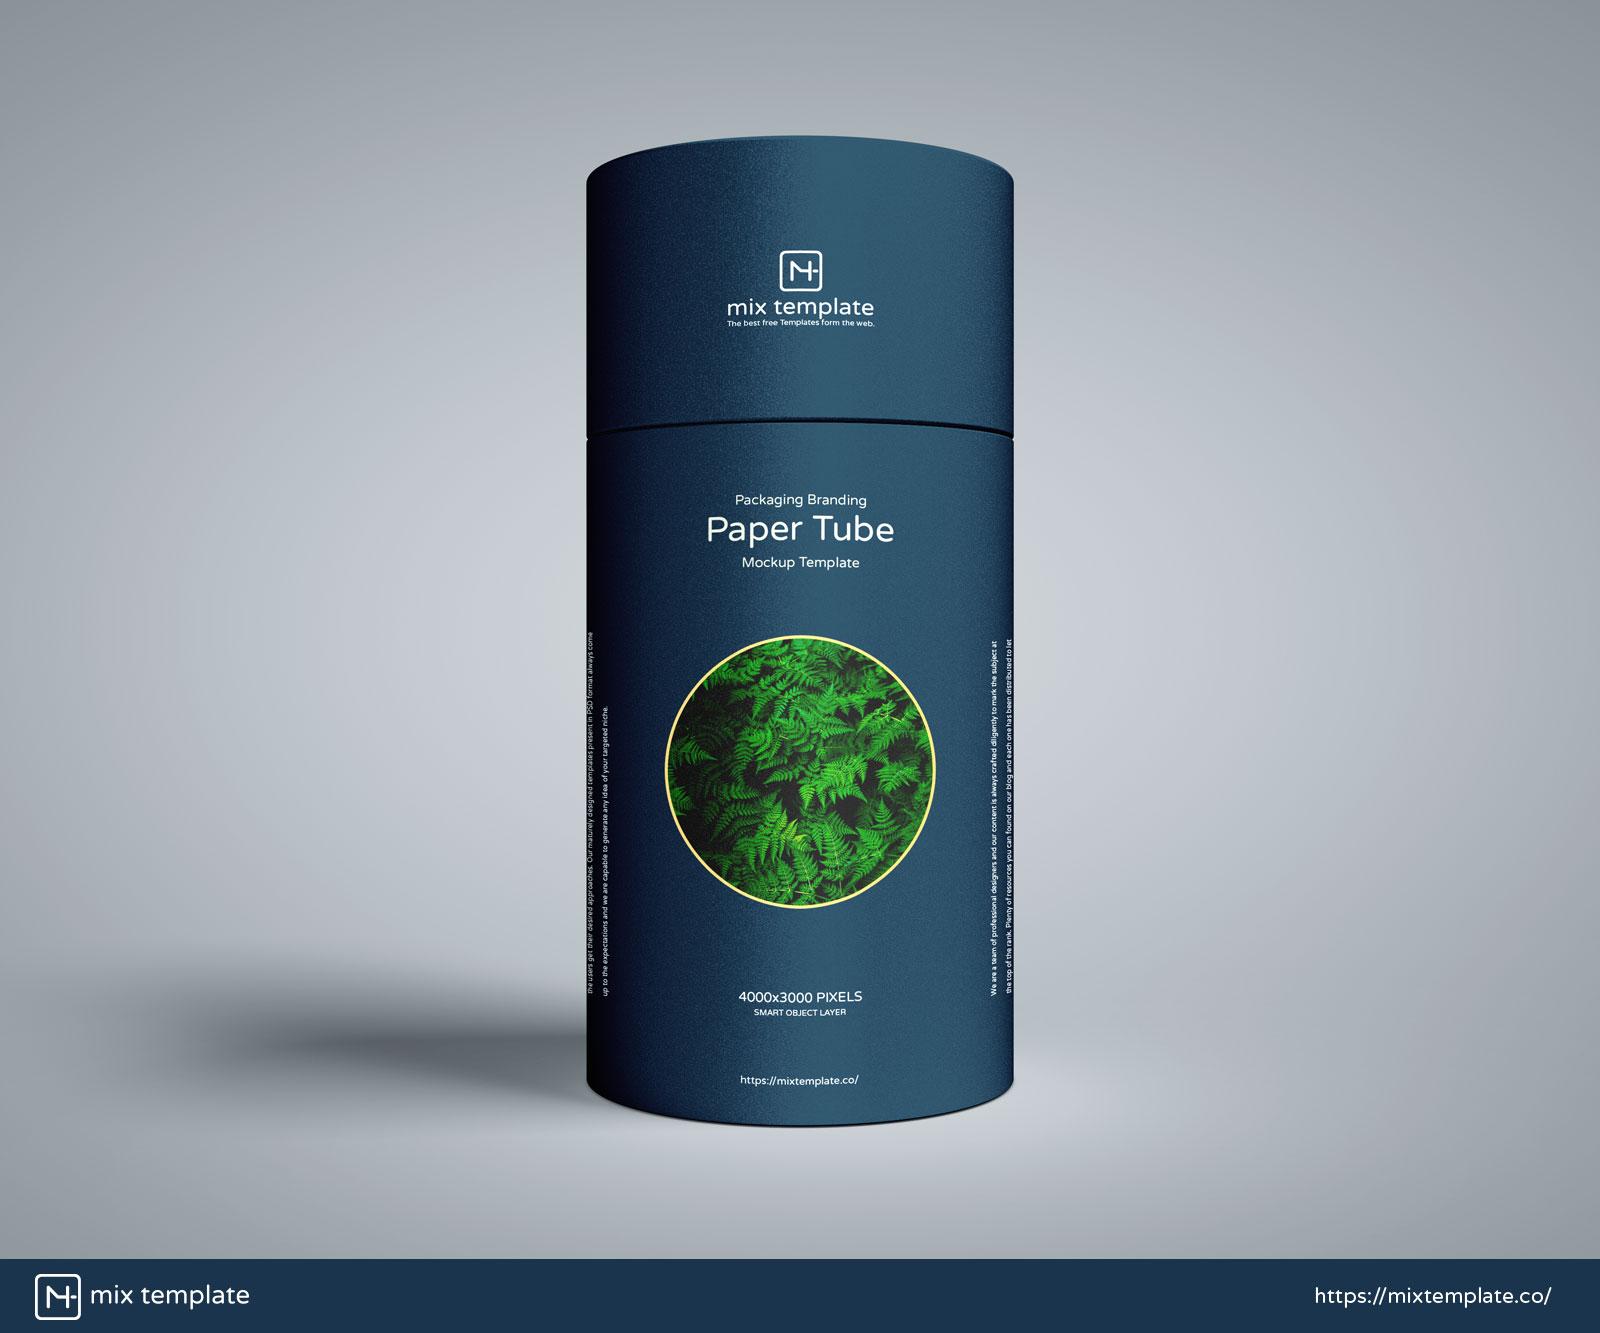 Free-Packaging-Branding-Paper-Tube-Mockup-Template-38